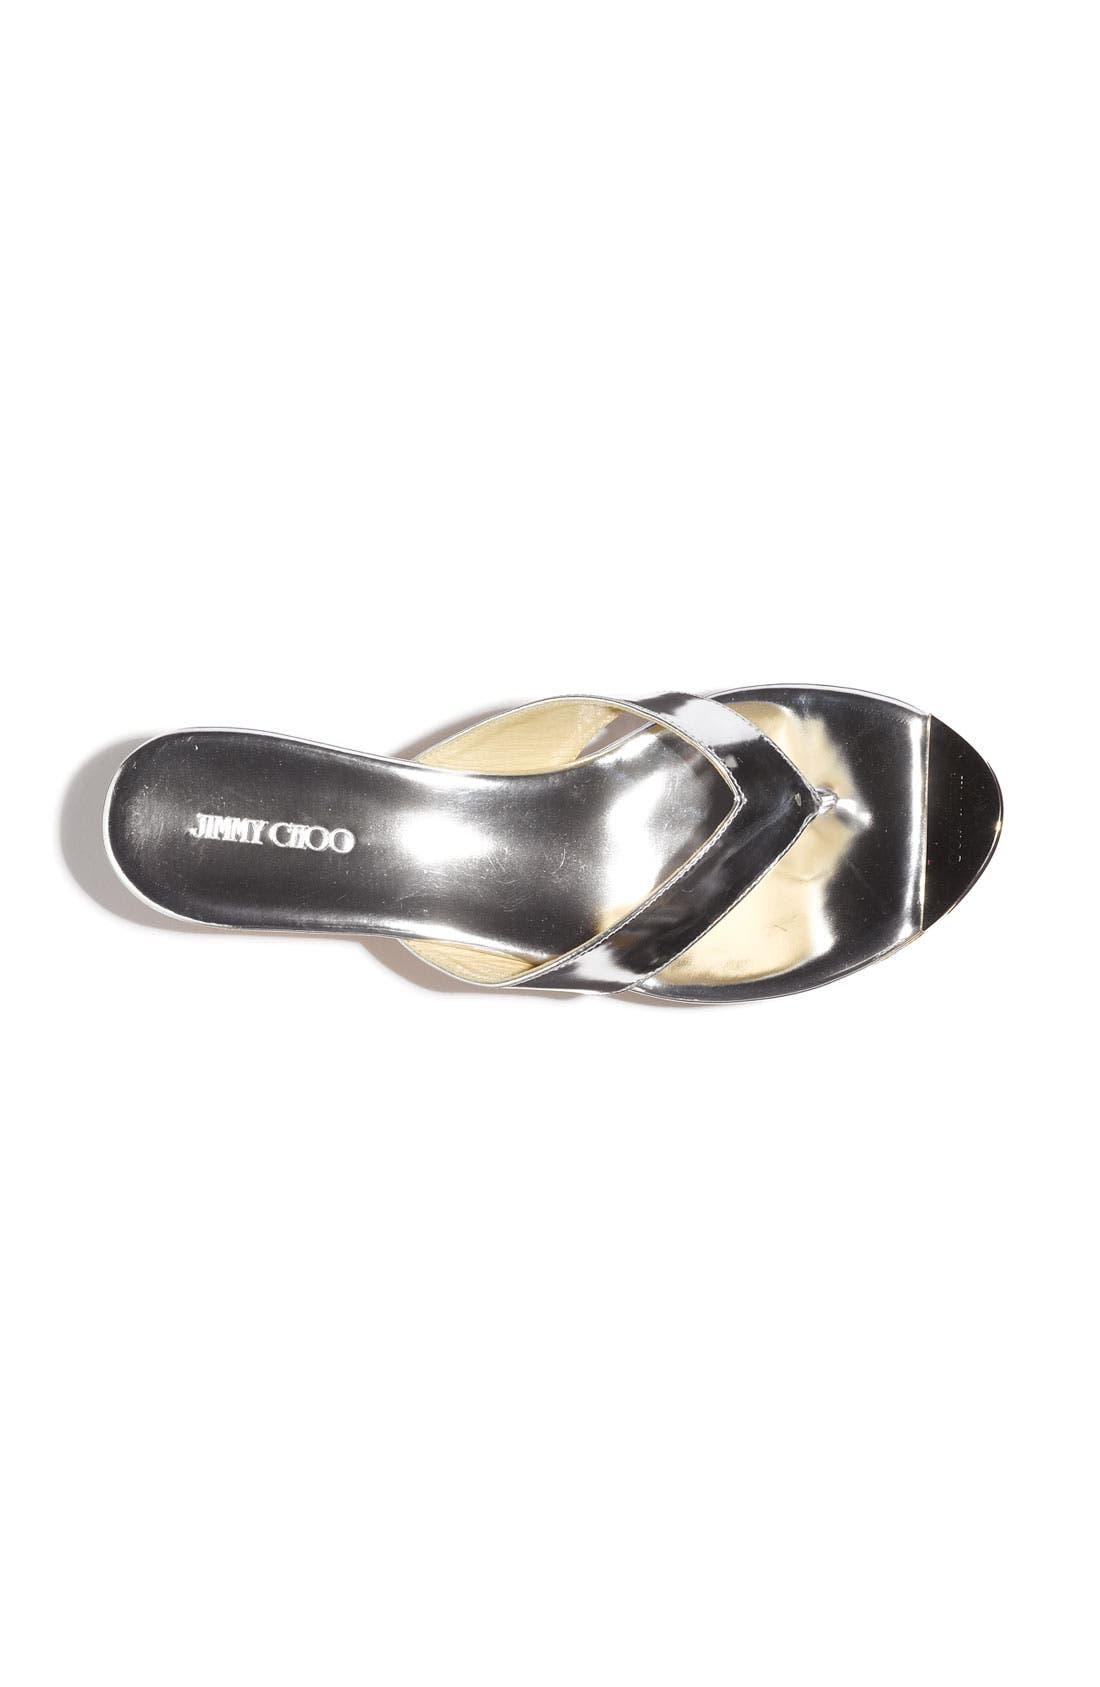 Alternate Image 2  - Jimmy Choo 'Pathos Pat' Cork Wedge Sandal